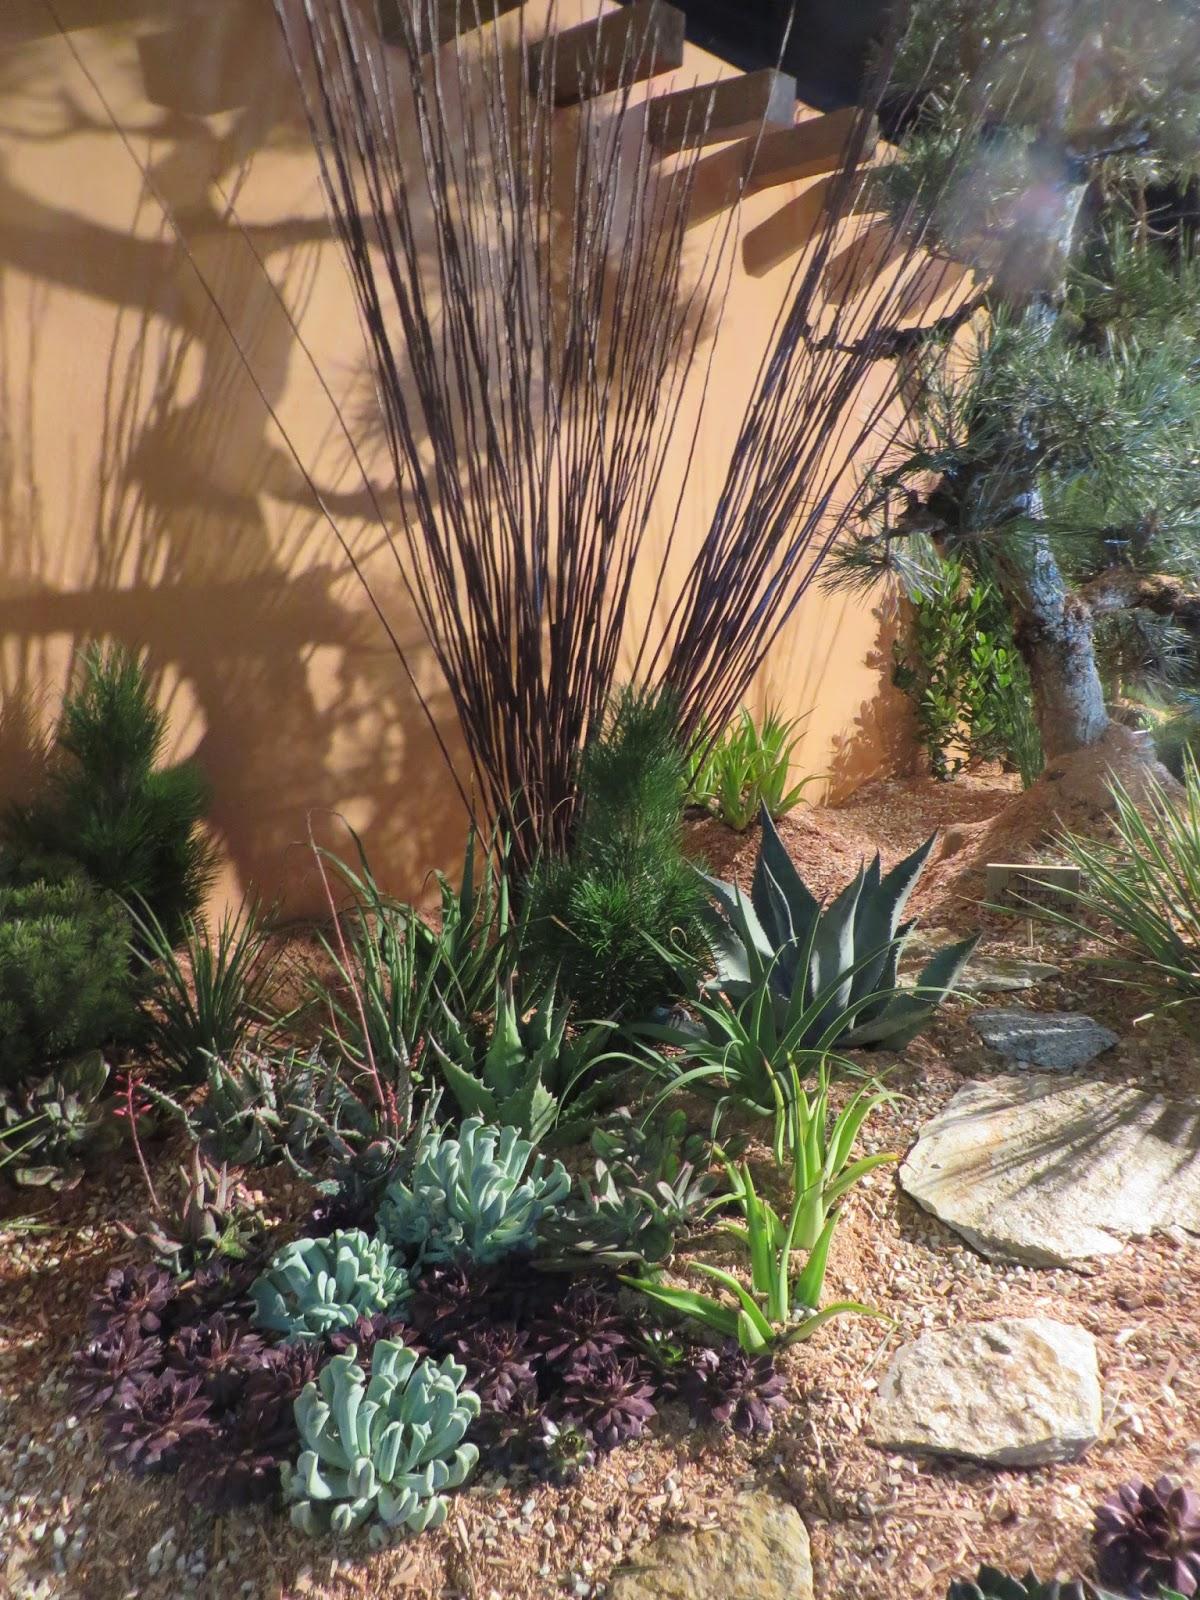 Northwest Flower & Garden Show: Display Gardens